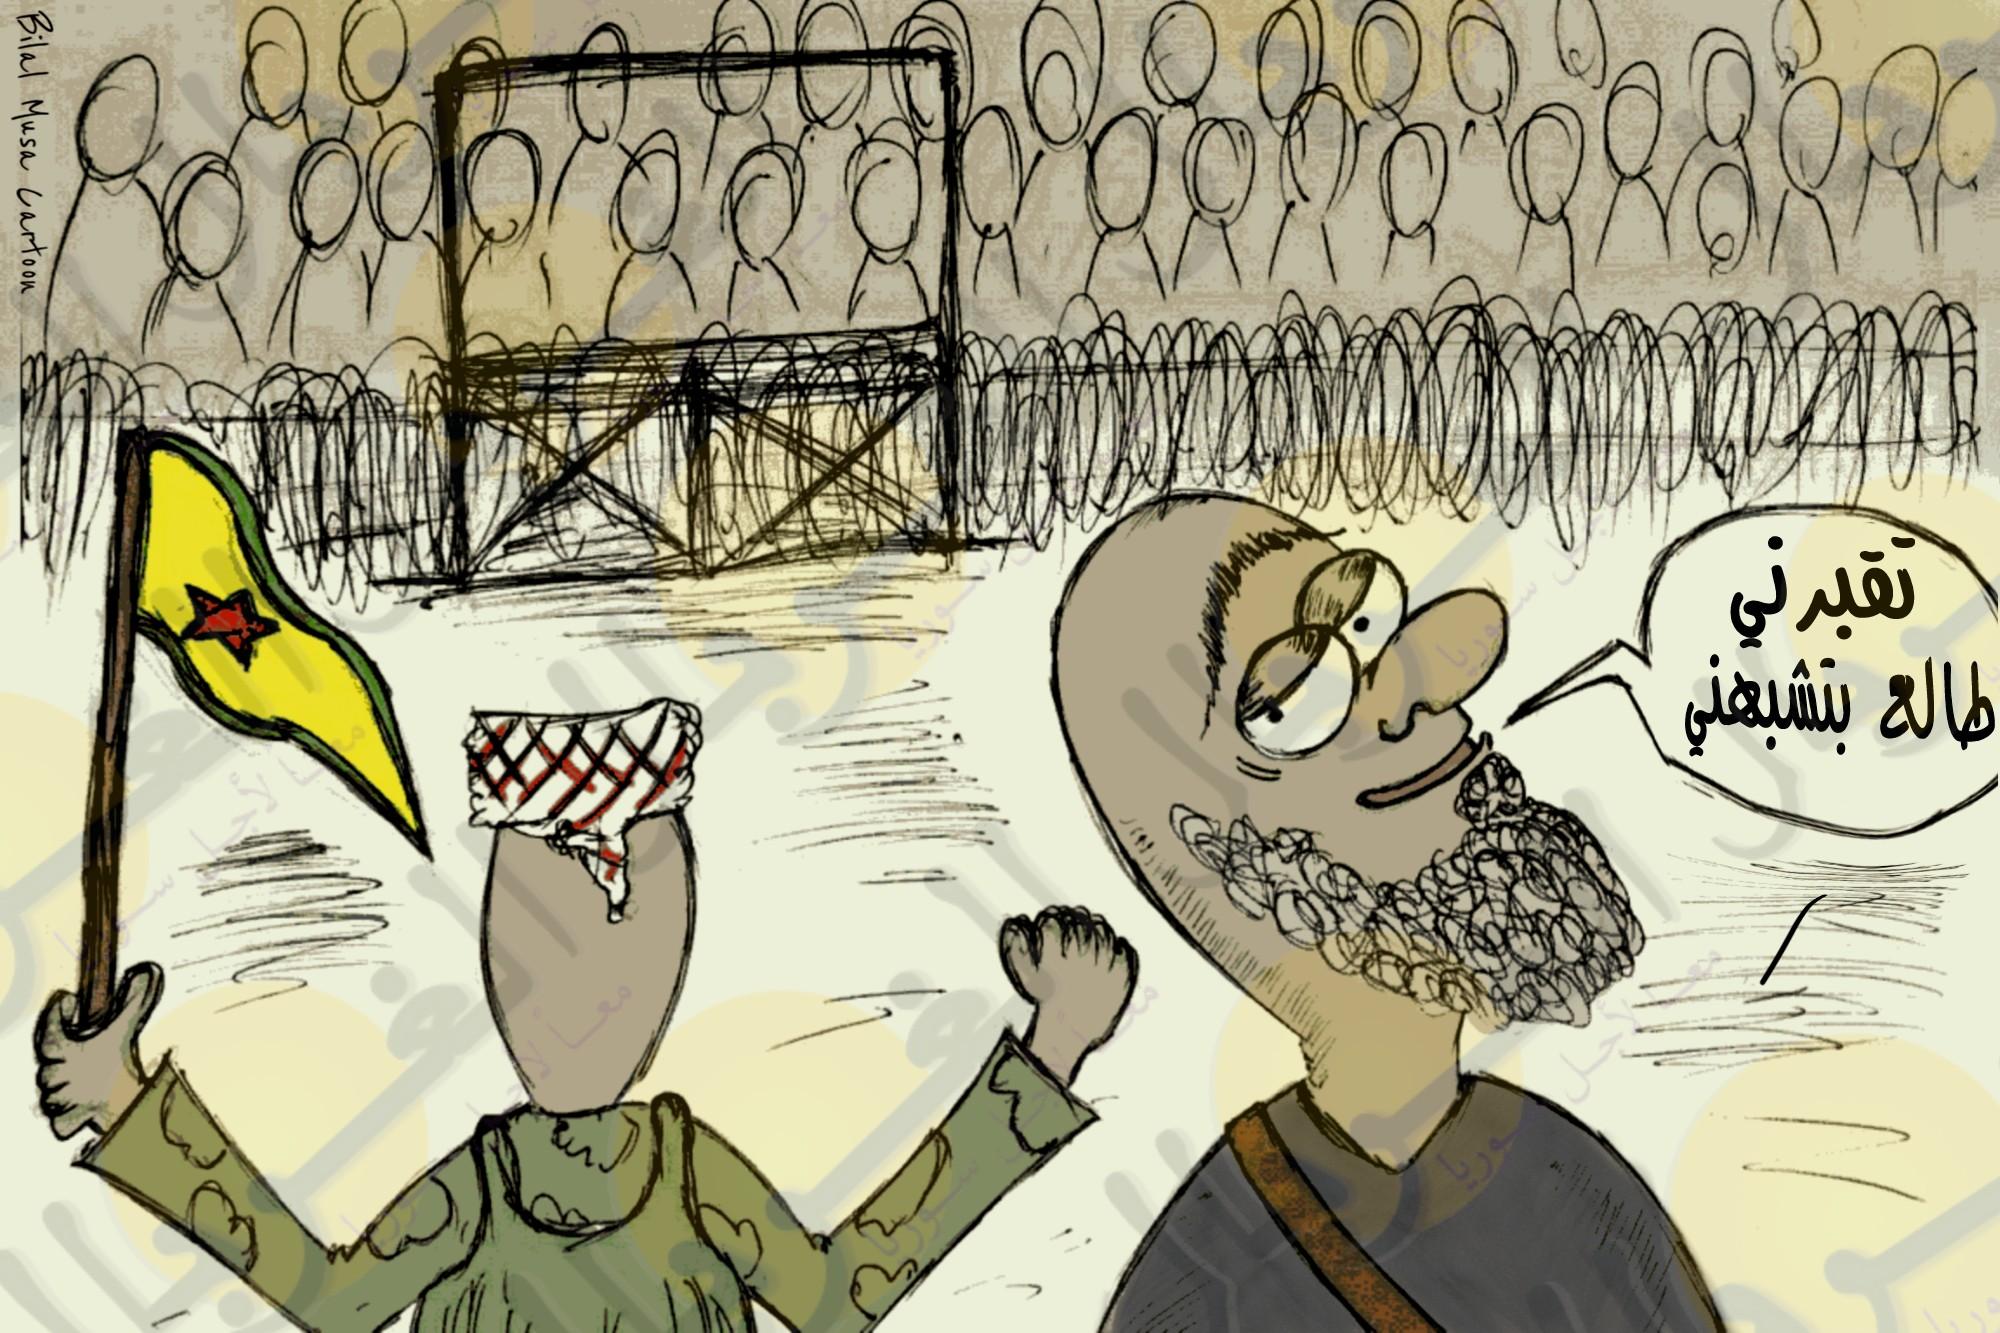 تحرير-وحدات-حماية-الشعب-تل-أبيض-كري-سبي